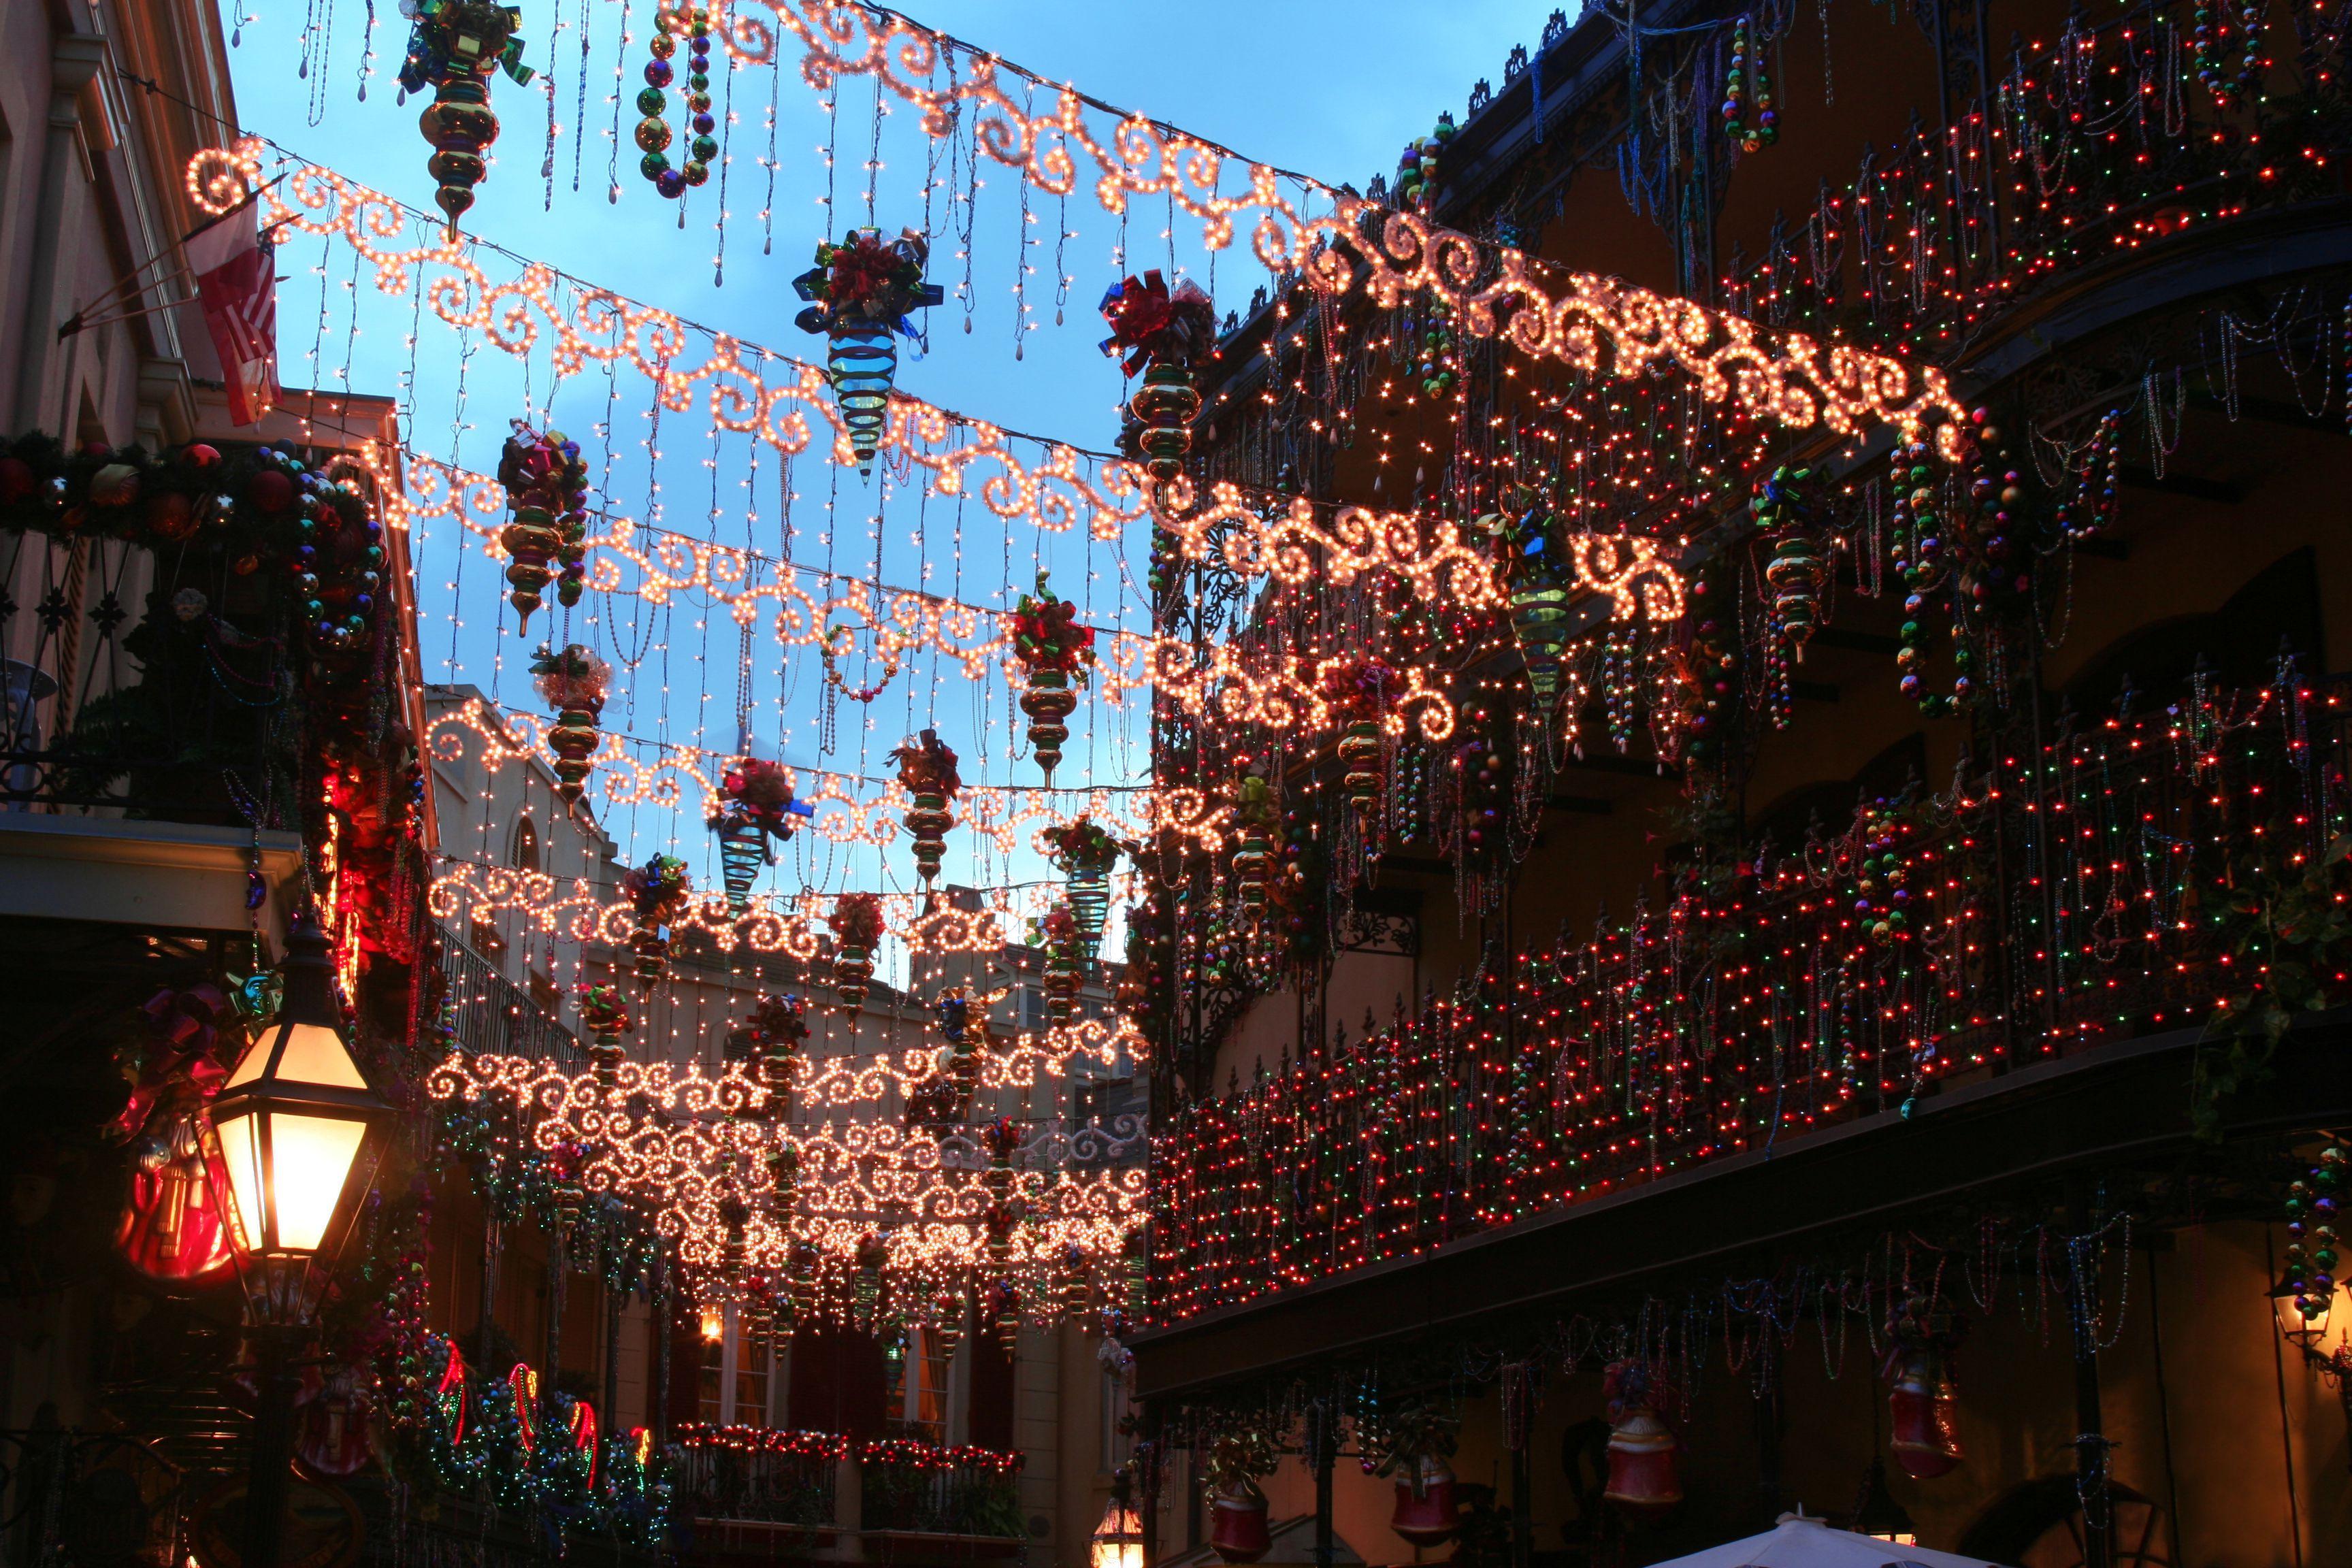 Una explosión de decoraciones navideñas en una calle trasera de Nueva Orleans